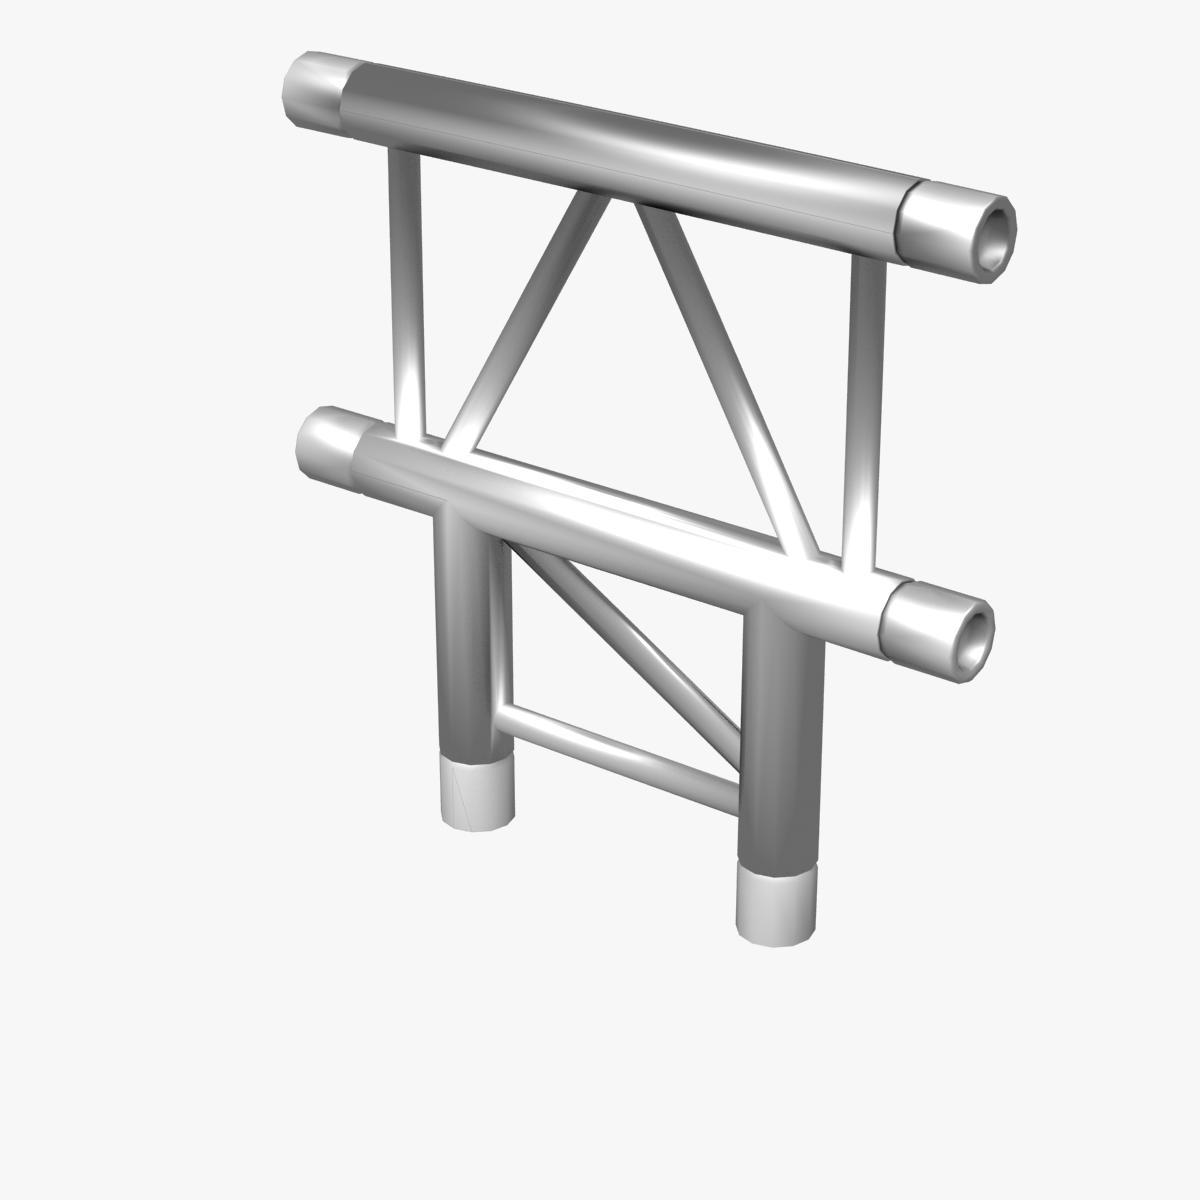 križni i križni spoj snopa 134 3d model 3ds max dxf fbx c4d obj 268779